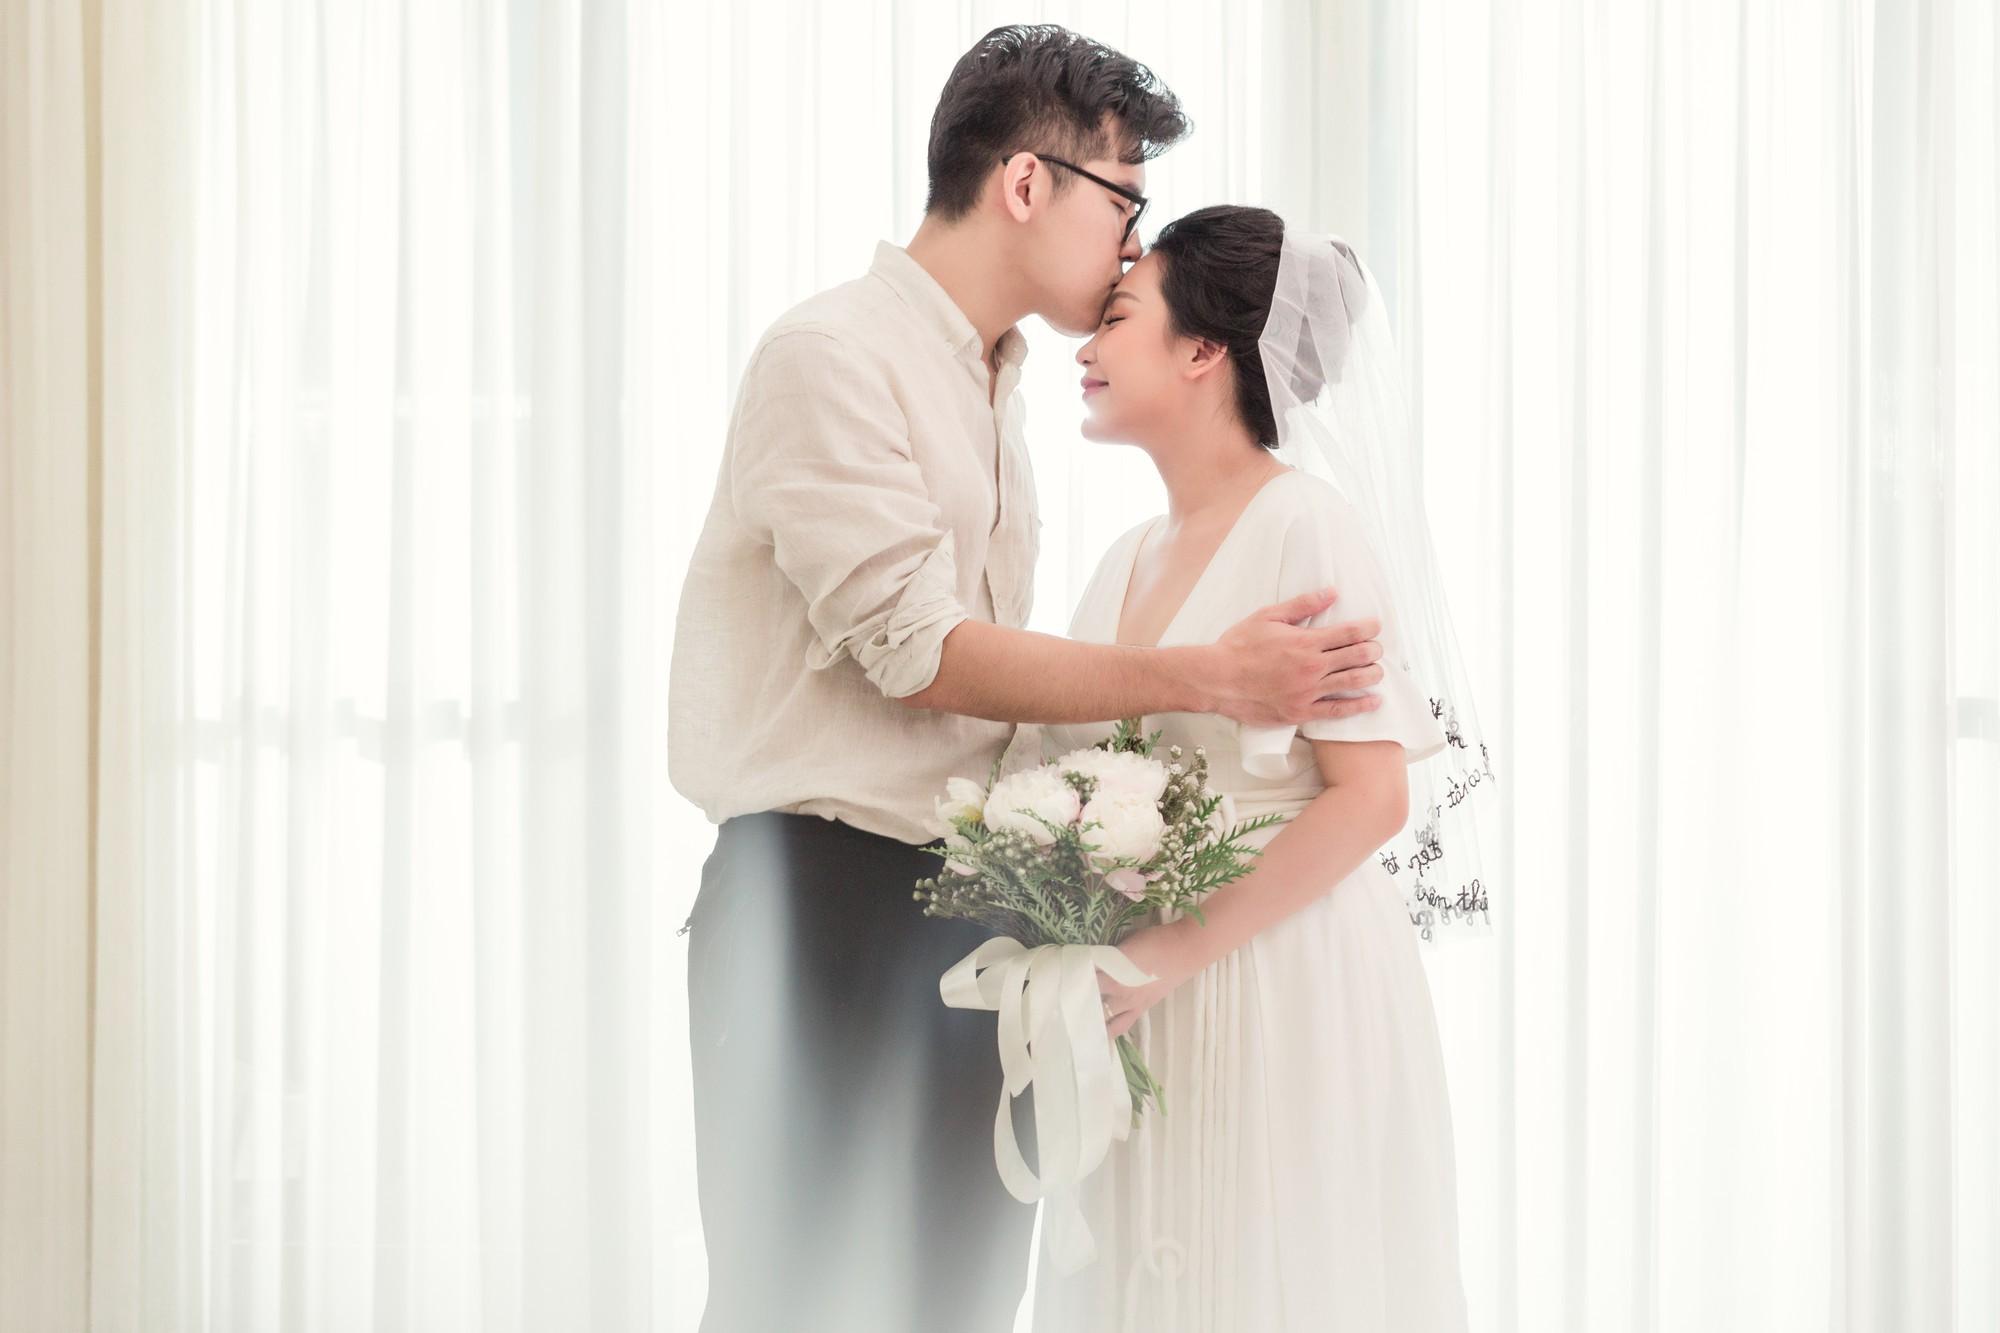 Trước giờ G cử hành hôn lễ, nhà văn Gào chia sẻ những hình ảnh về tiệc chia tay thời độc thân cùng dàn phù dâu xinh đẹp - Ảnh 3.